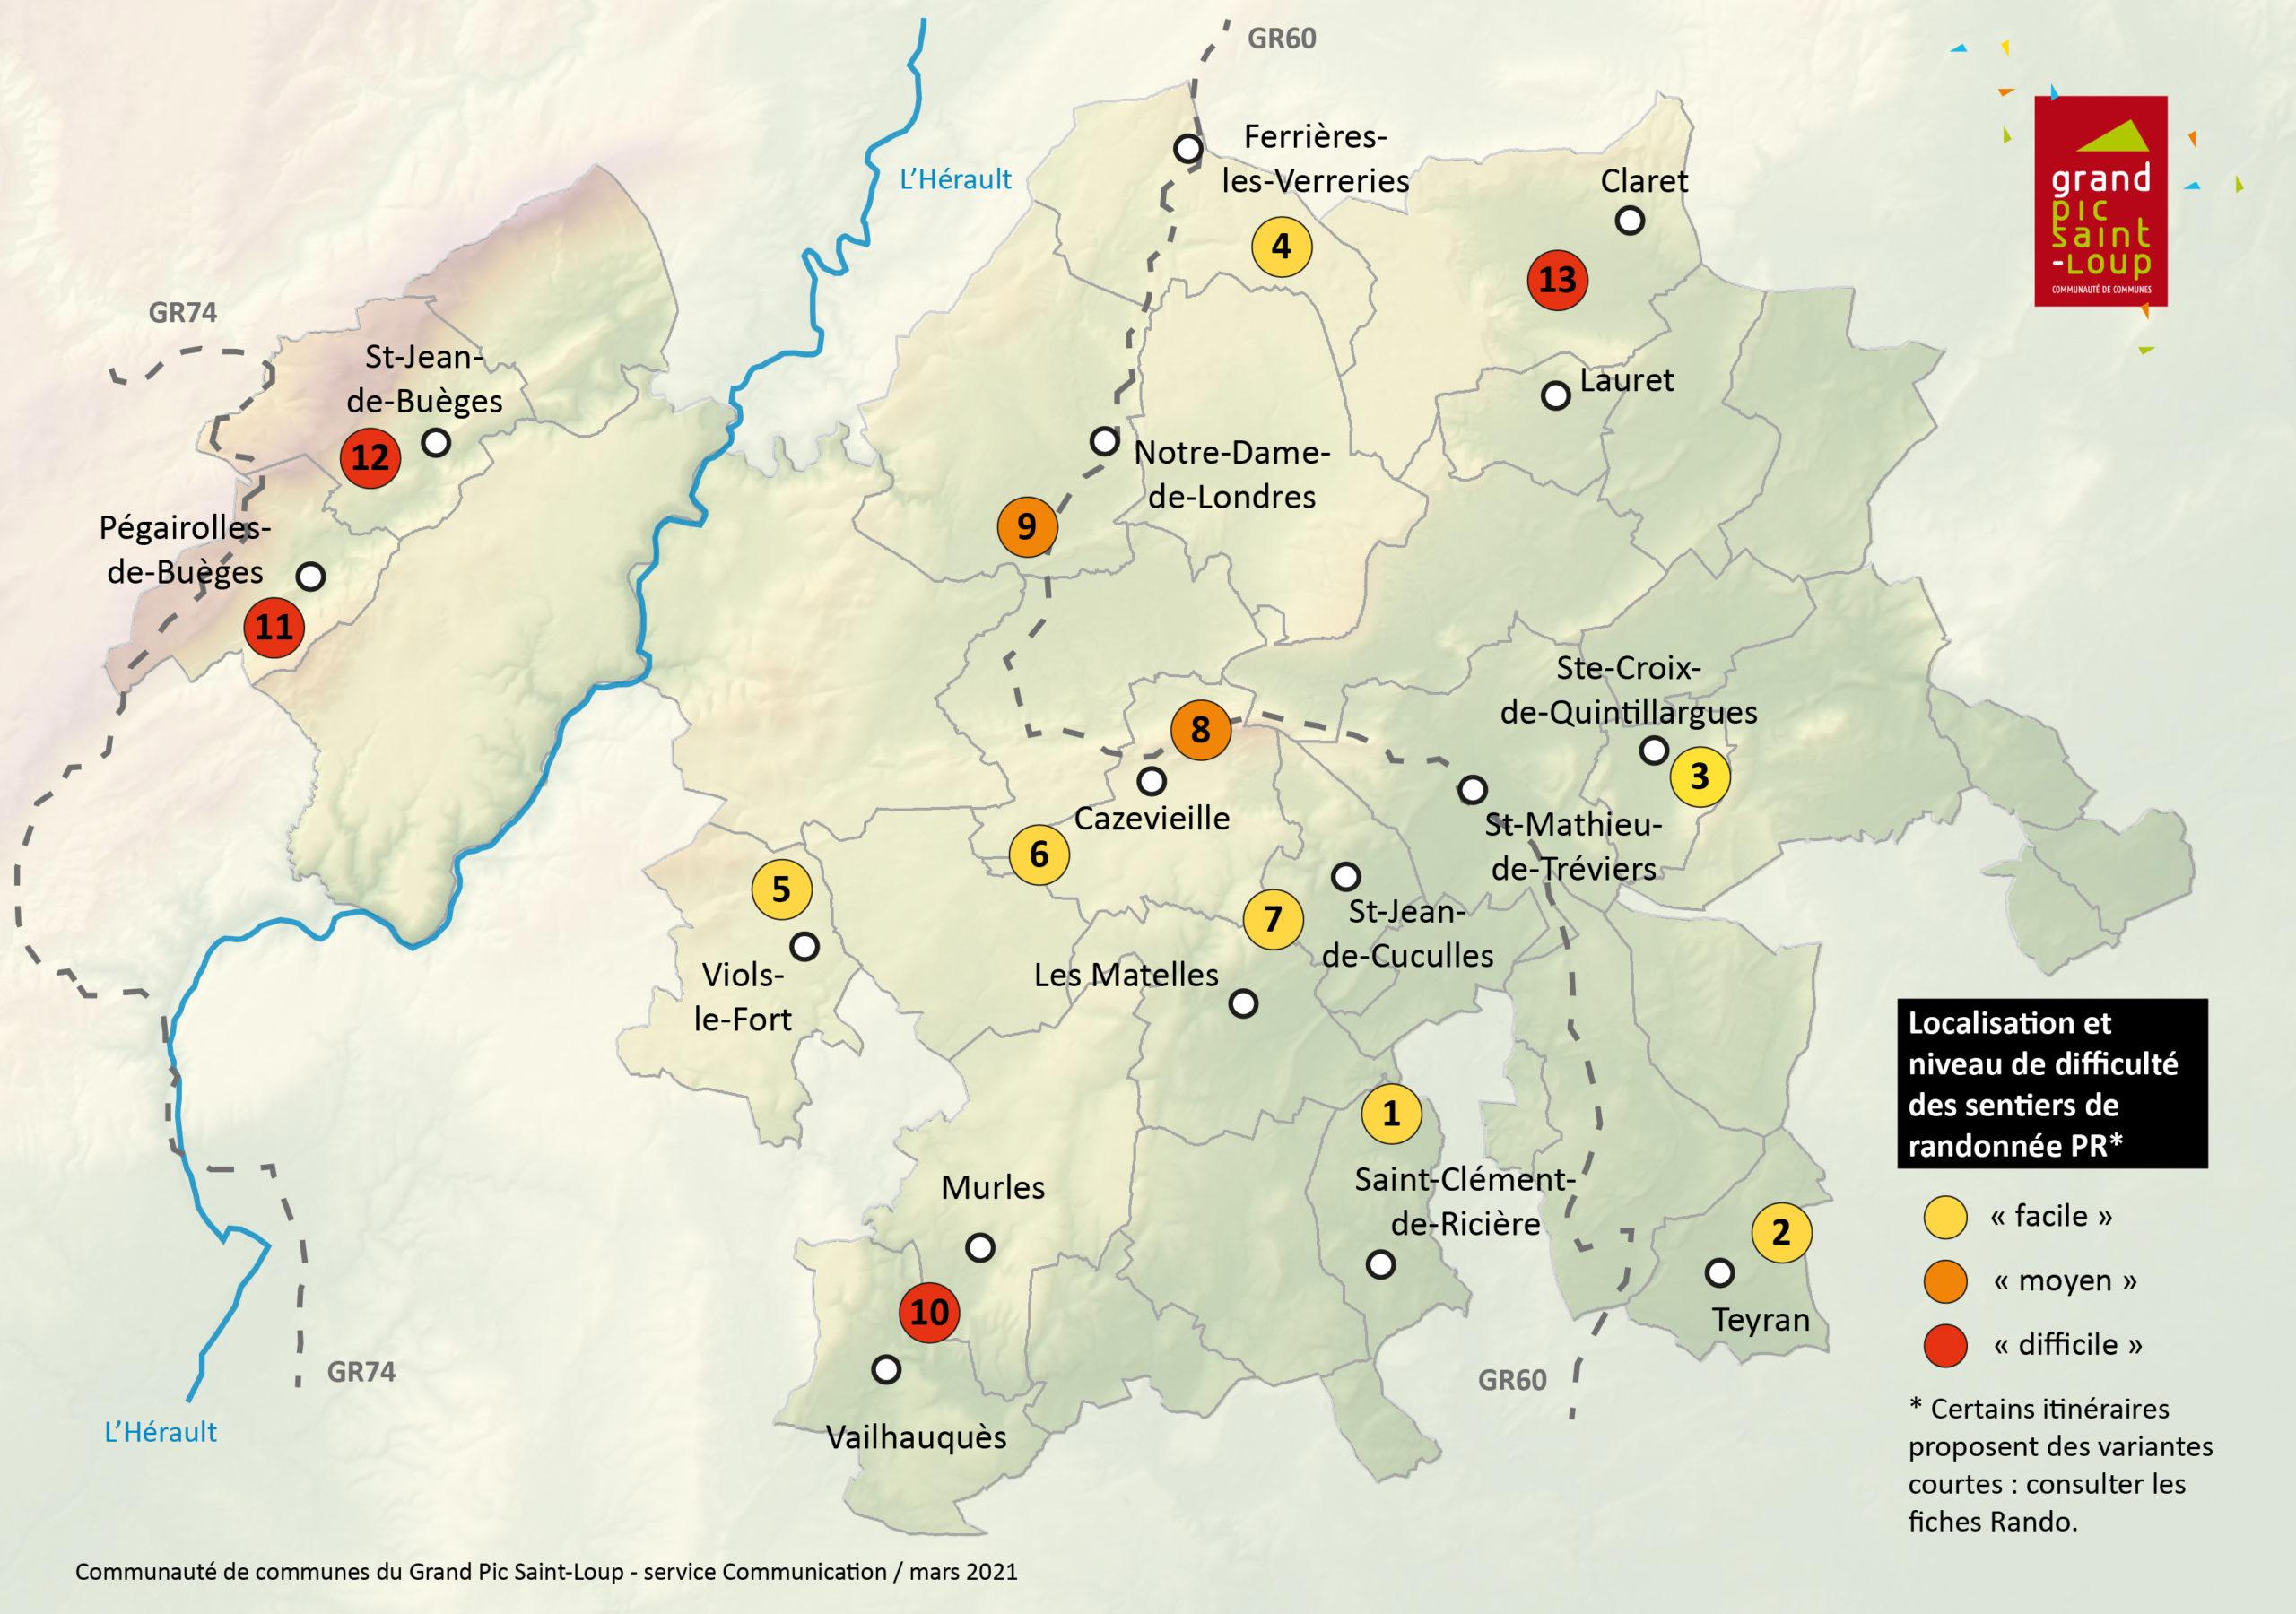 Localisation des sentiers de randonnée PR et niveau de difficulté